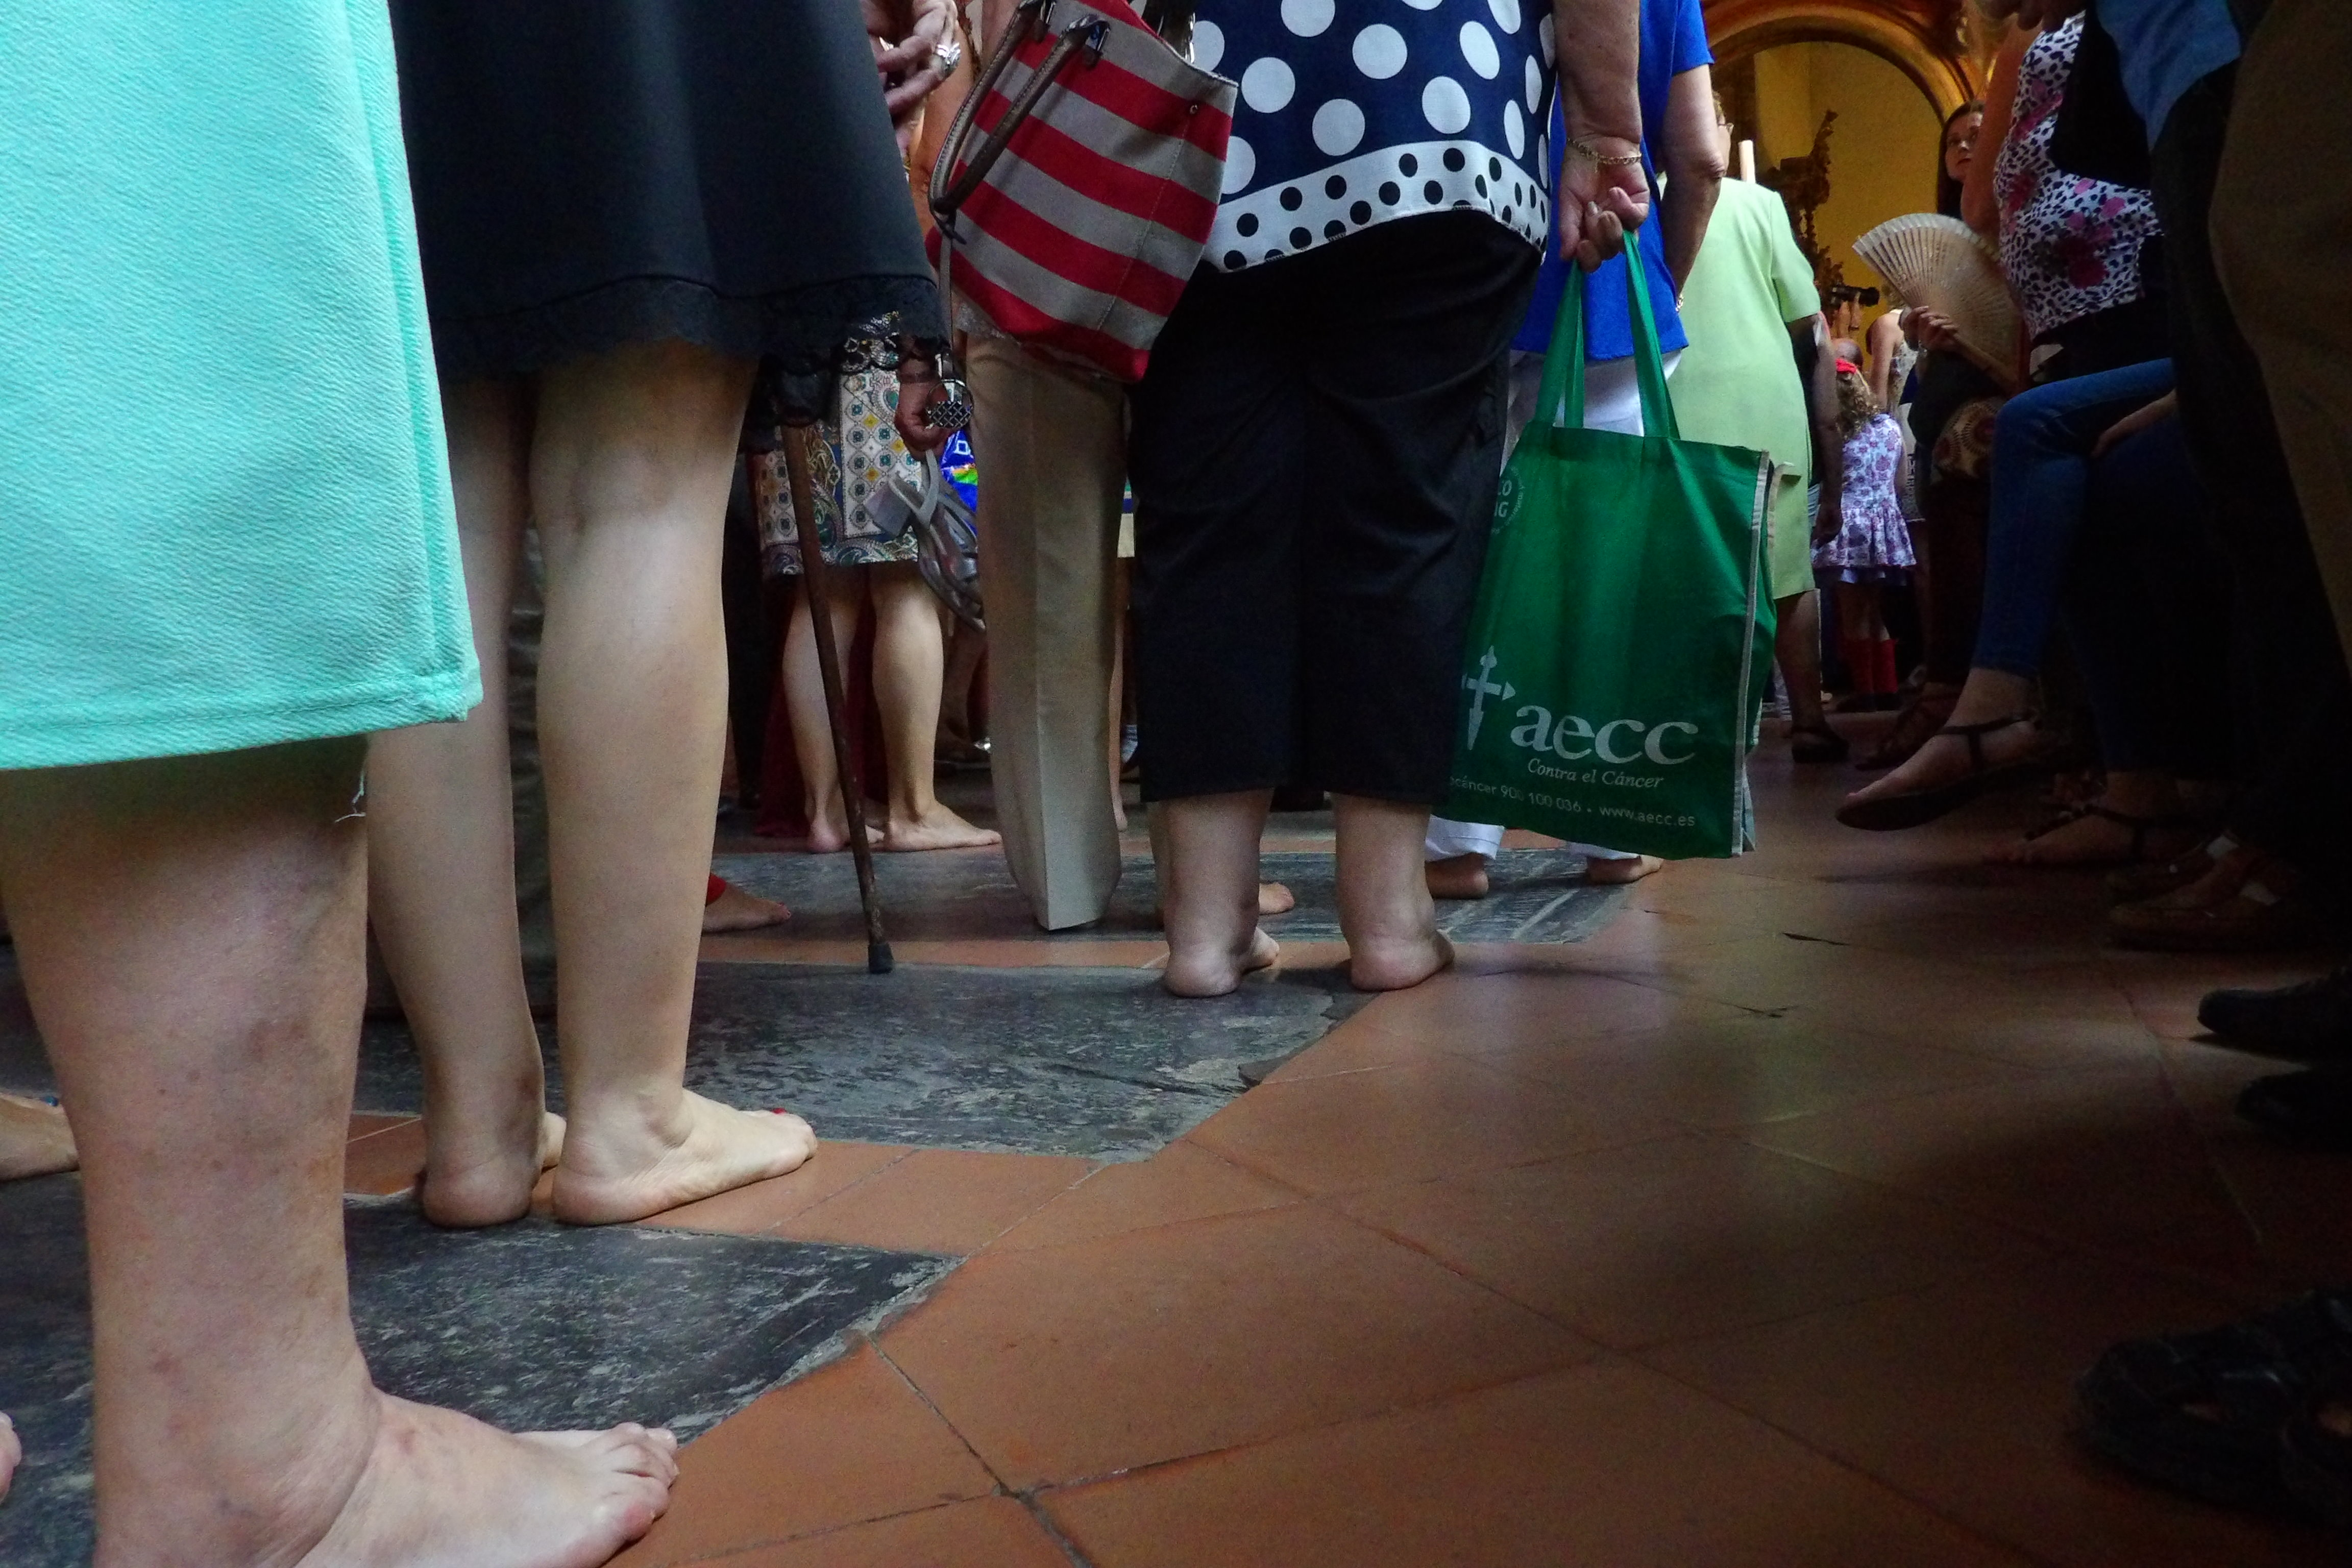 Procesión en el claustro del monasterio de Guadalupe, peregrinos descalzos